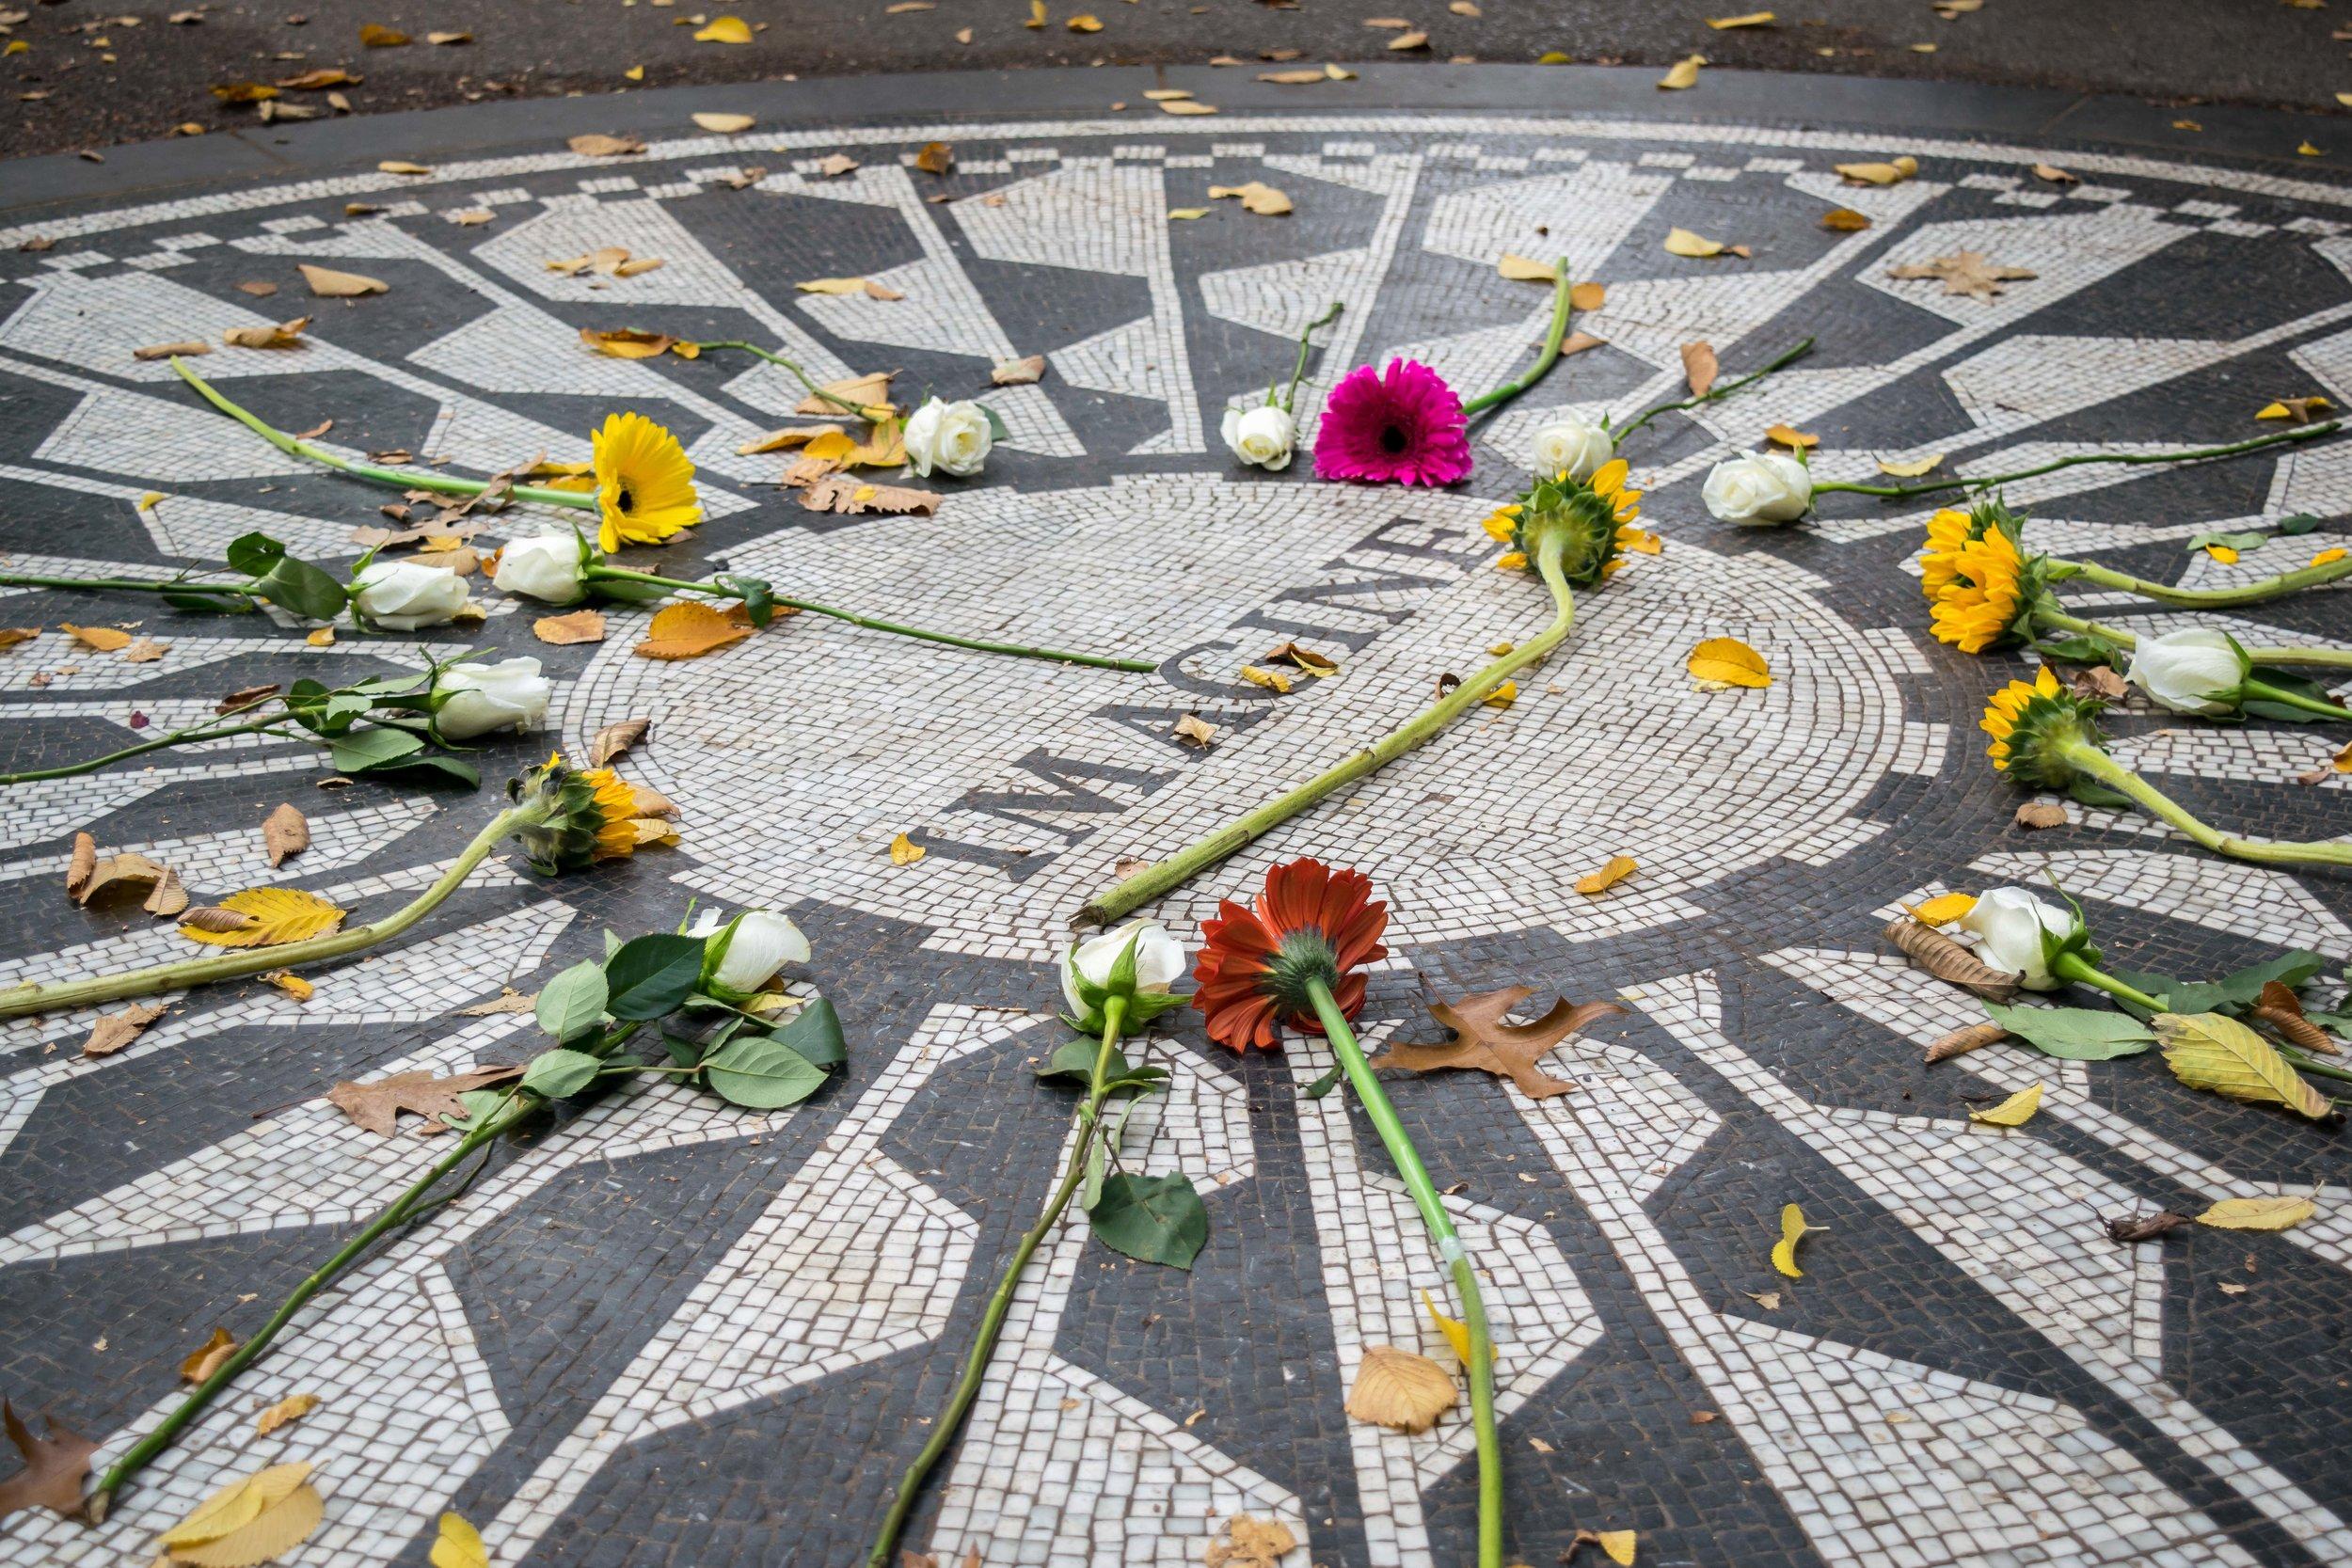 John Lennon 'Imagine' Monument in Strawberry Fields